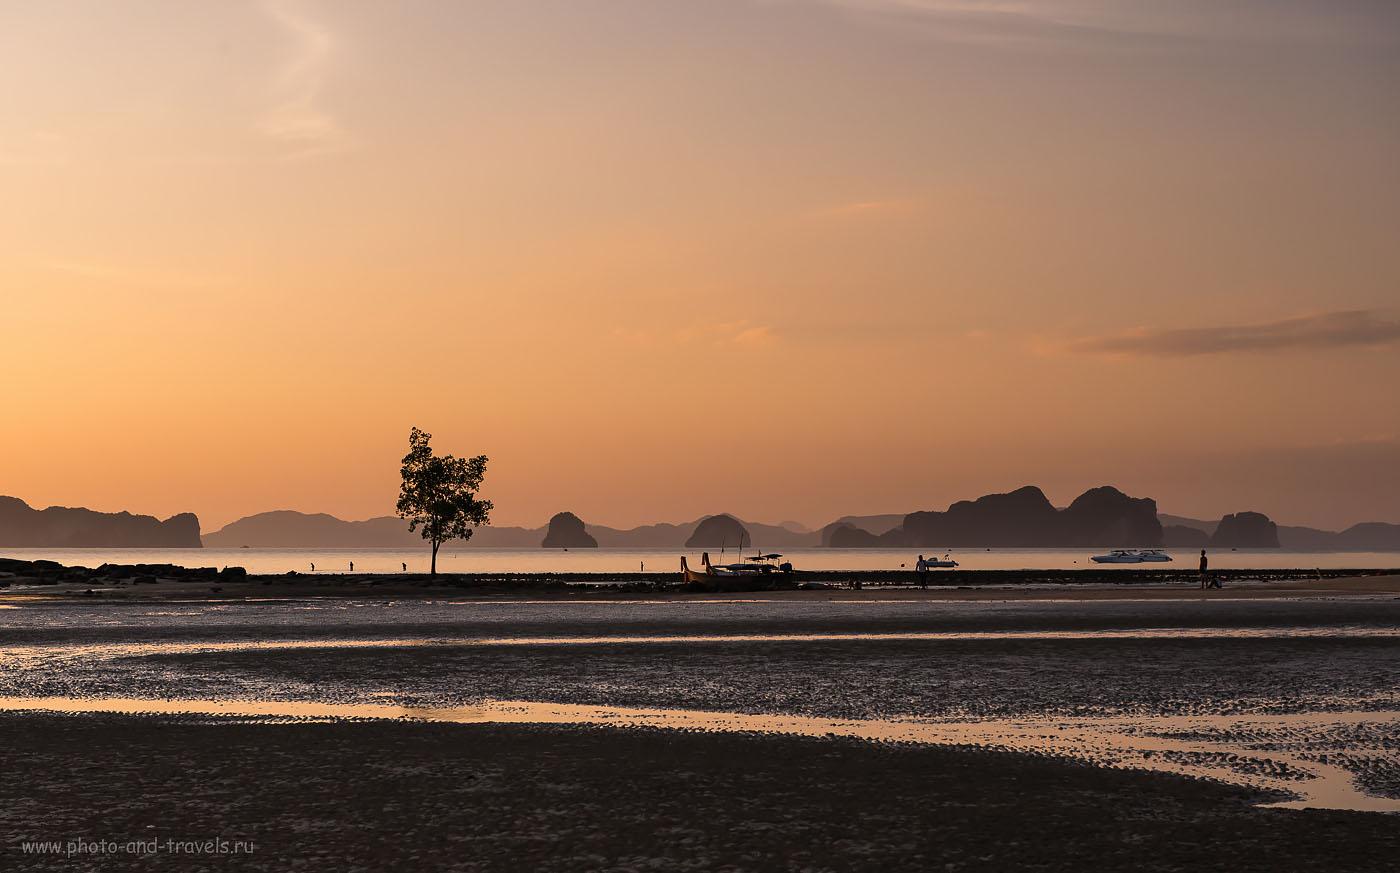 Фото 15. К вечеру на пляже Клонг Муанг (или Клонг Мыанг, Klong Muang Beach) начался отлив и вся красота исчезла... Отдых в Таиланде в феврале